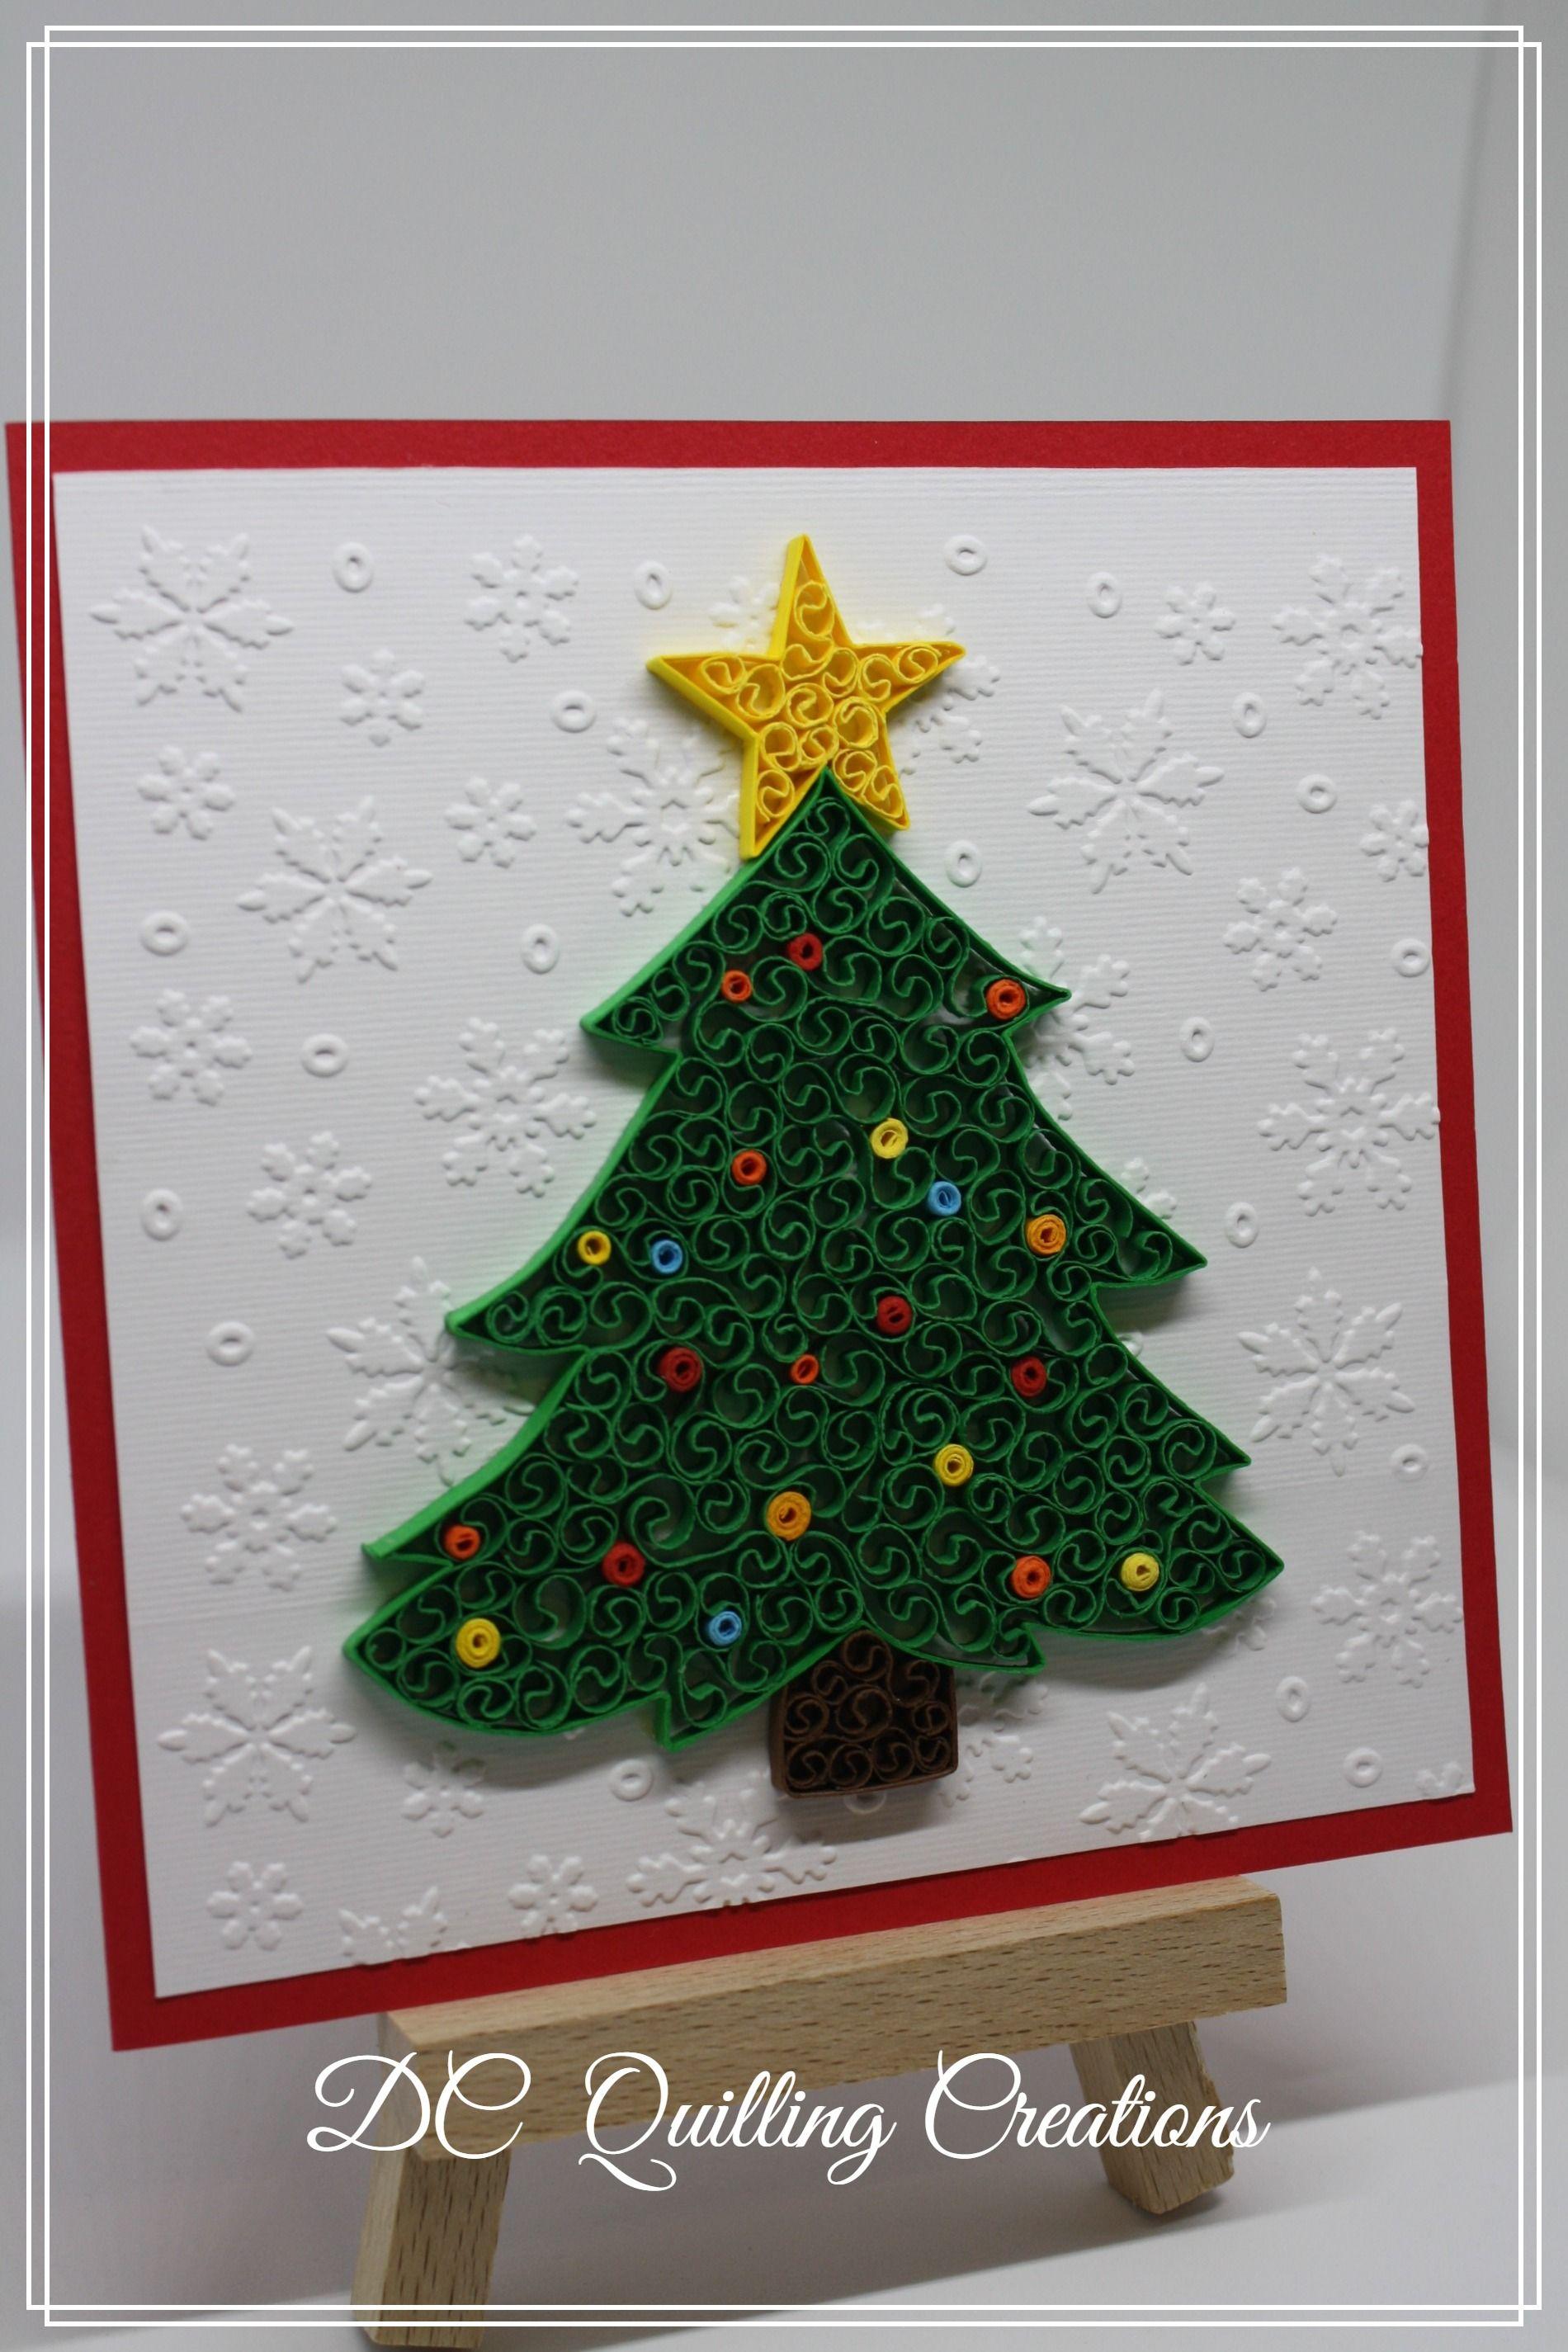 Albero Di Natale Quilling.Biglietto Natalizio Con Albero Di Natale In Quilling Quilling Christmas Christmas Cards Christmas Tree